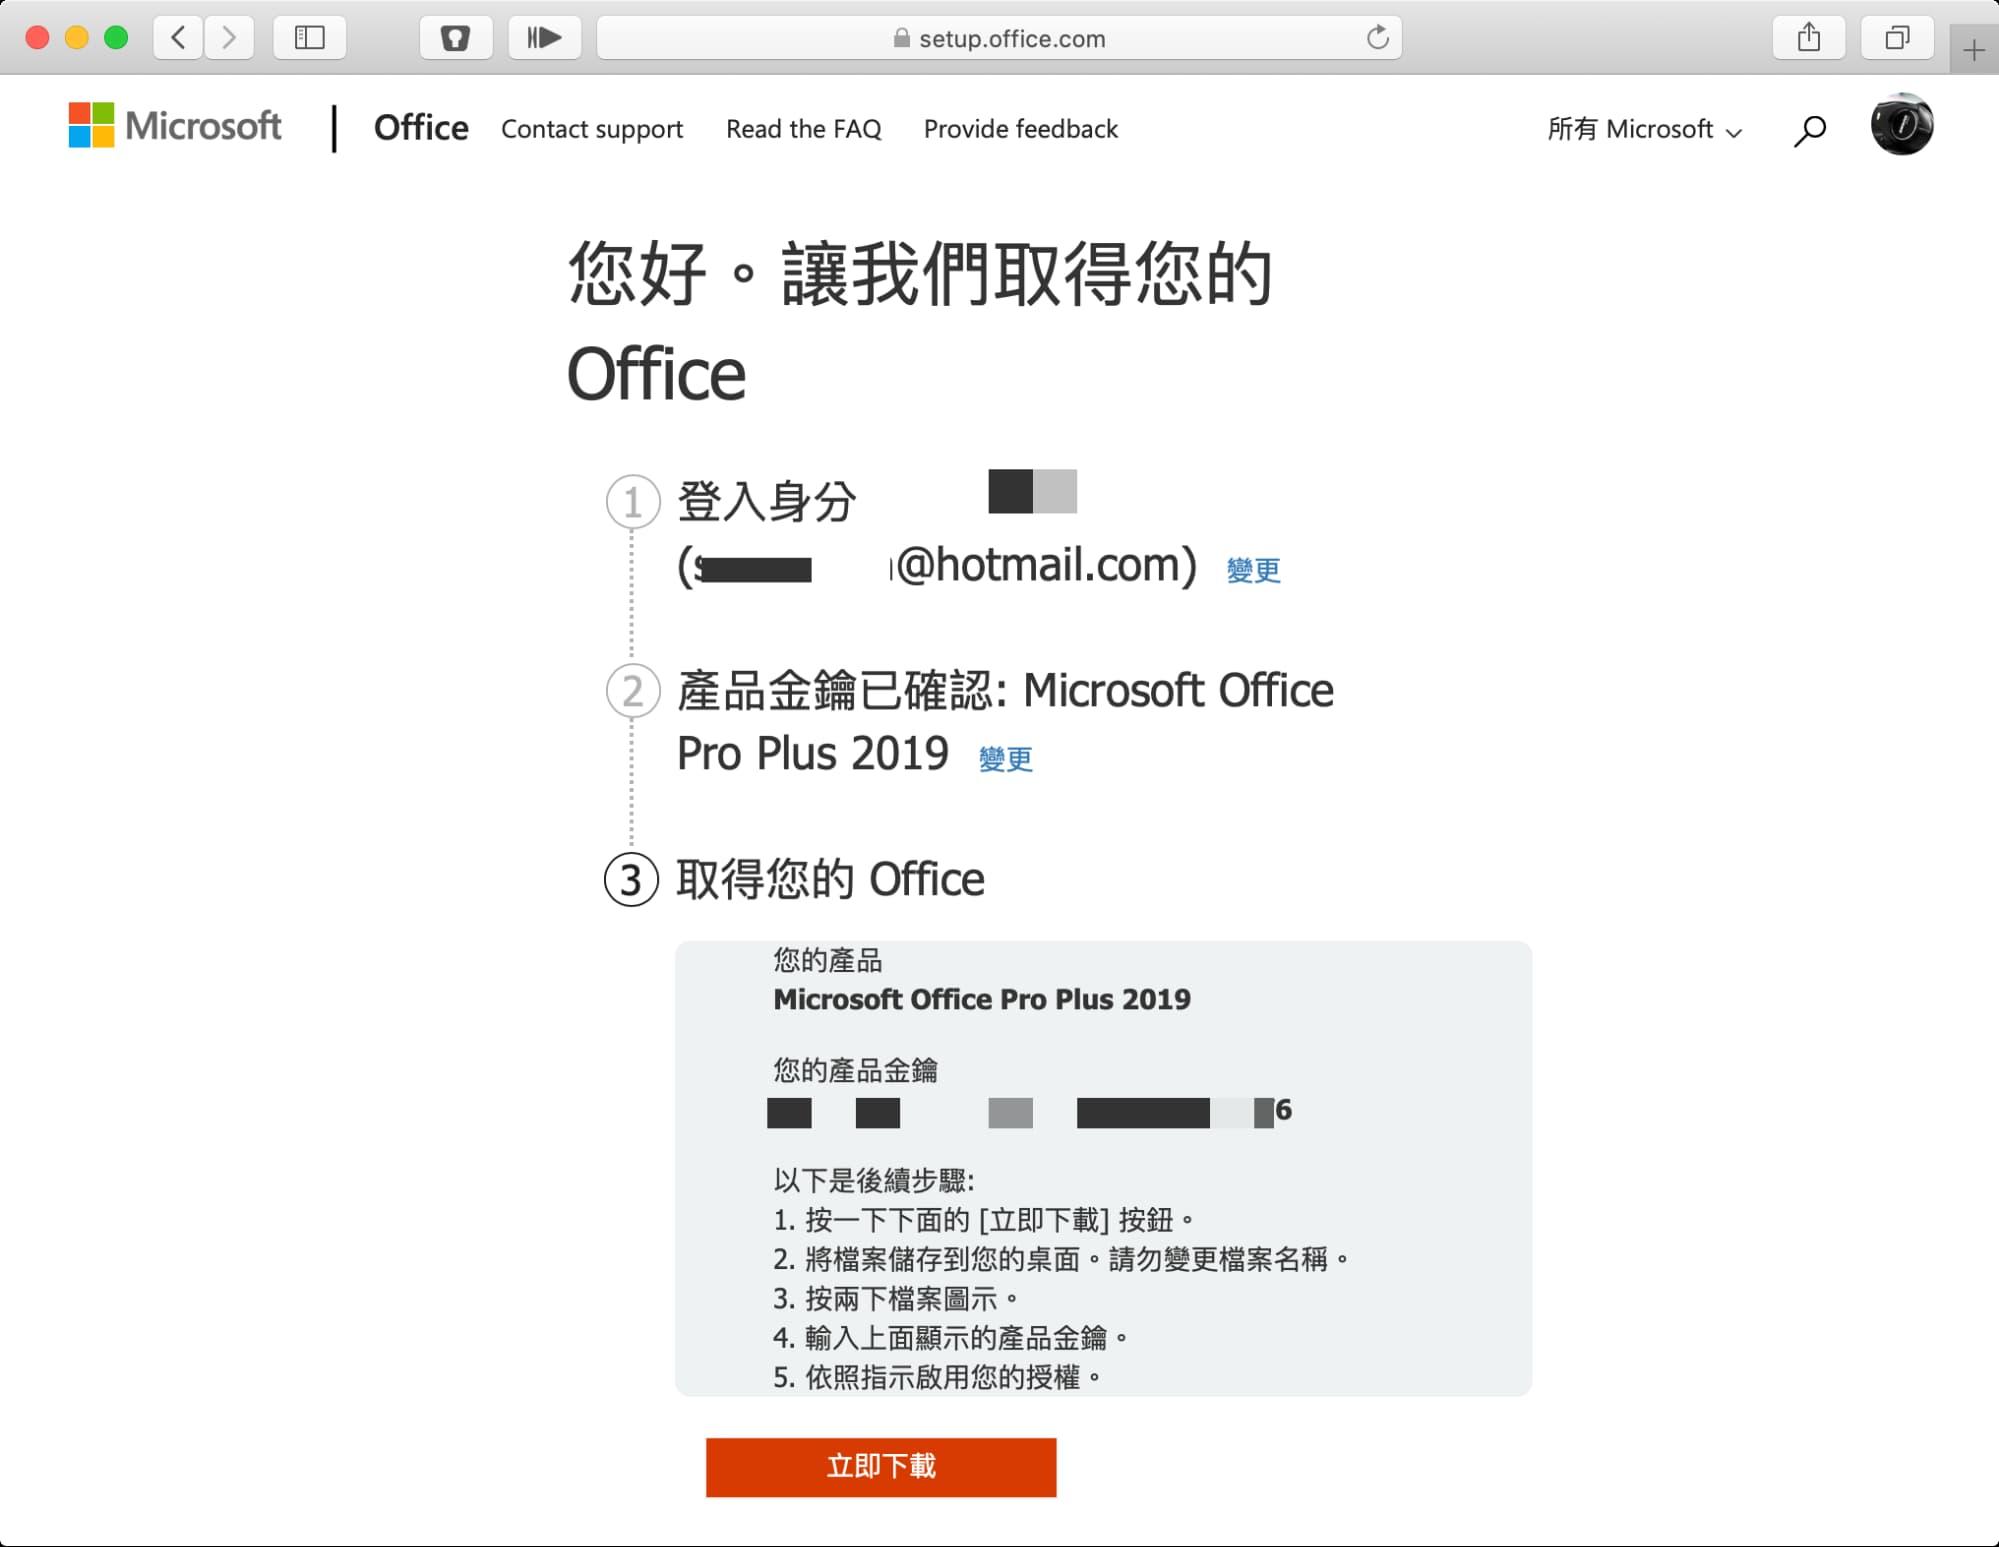 夏季限時特價!Office 軟體只要台幣 360 起,買一送一超級划算